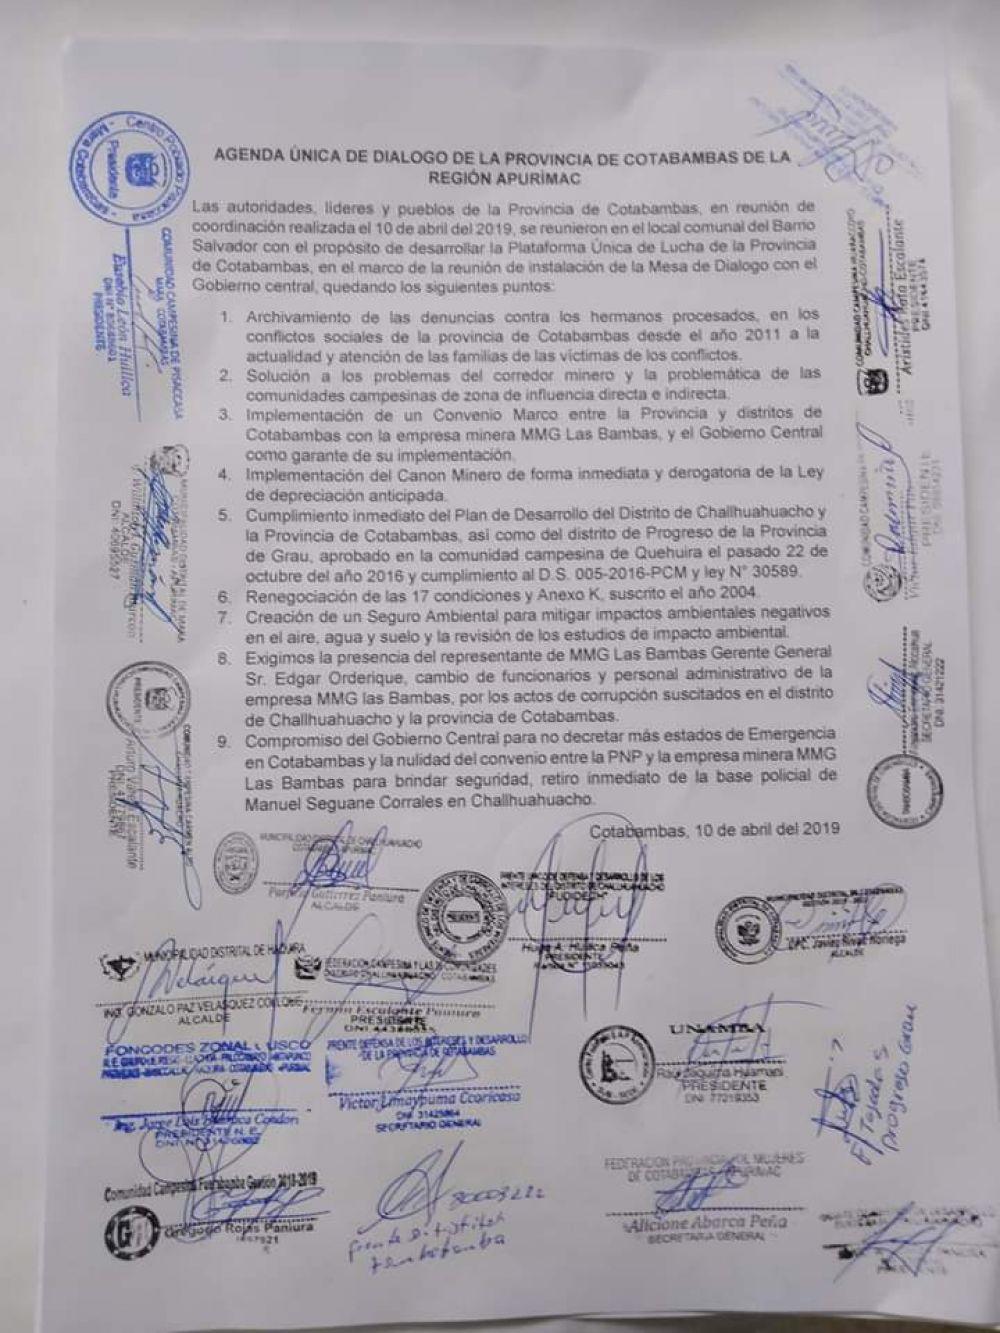 Lista de pedidos de las comunidades de la provincia de Cotambambas.